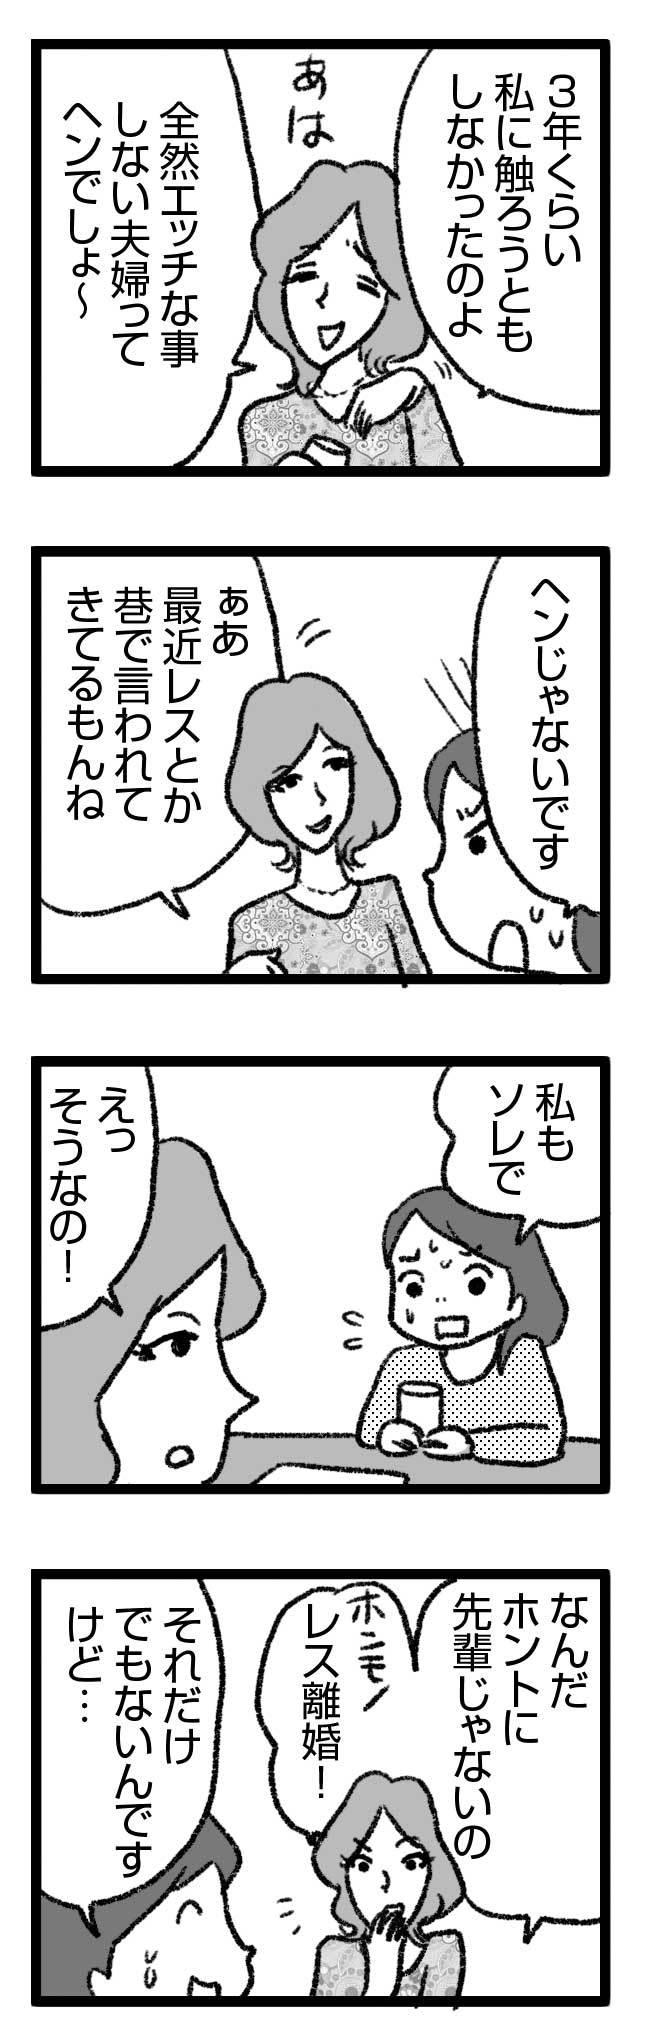 581 近所のレス友 1 1_2 結婚 離婚 別居 別居中 レス あるある 友達 話 辛い 漫画 まんが マンガ